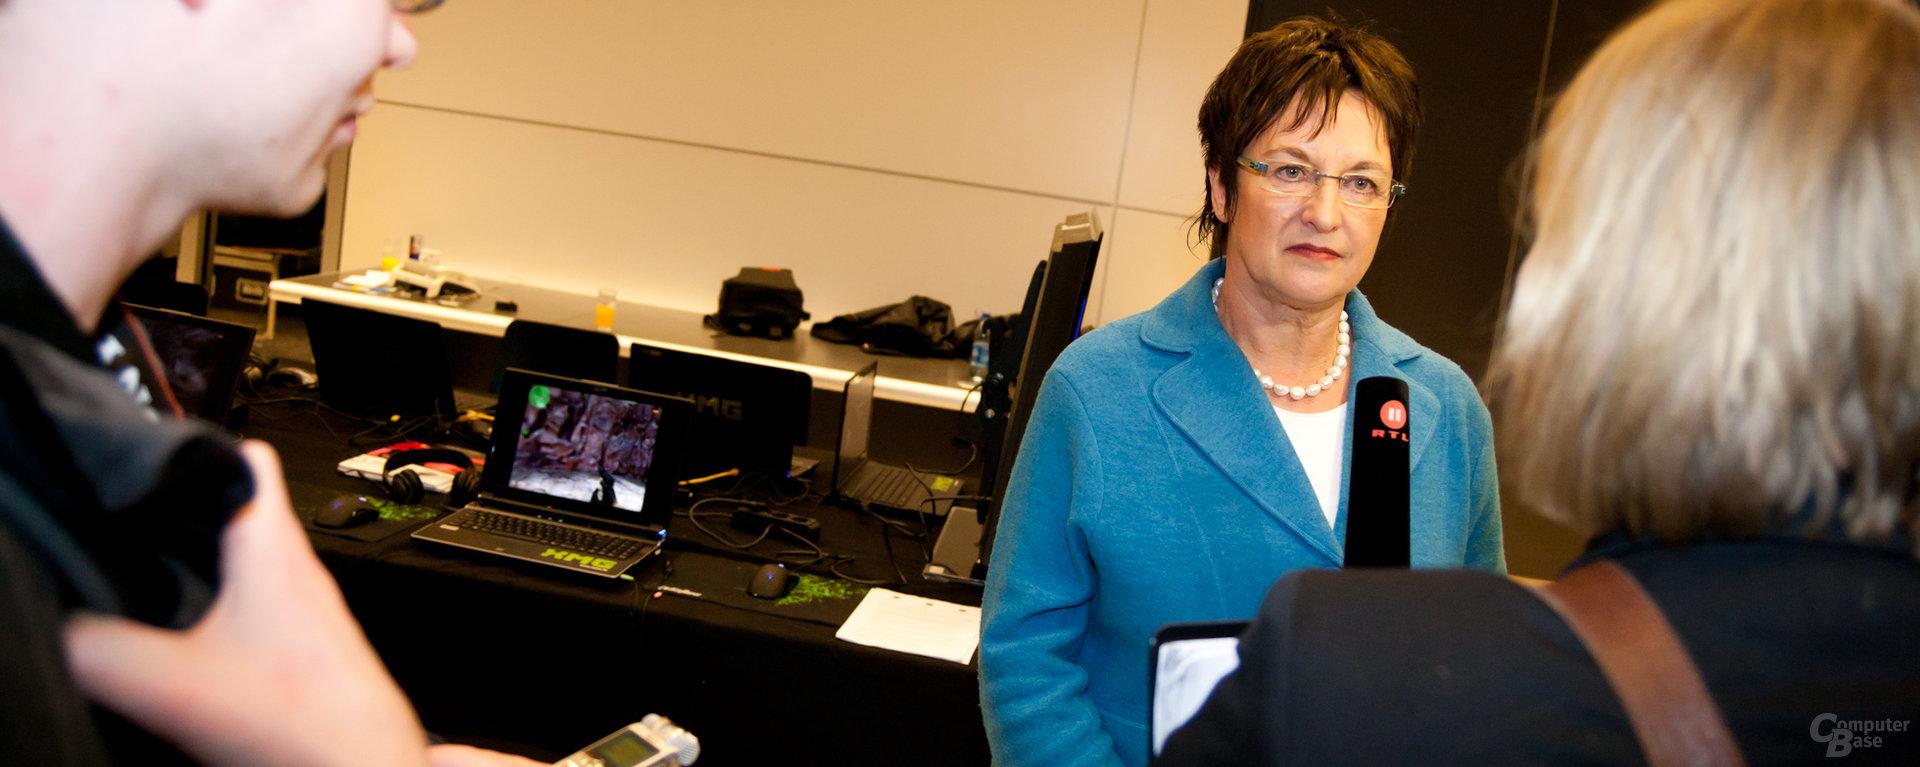 Brigitte Zypries – eine der wenigen bekannten Gesichter auf der Politiker-LAN